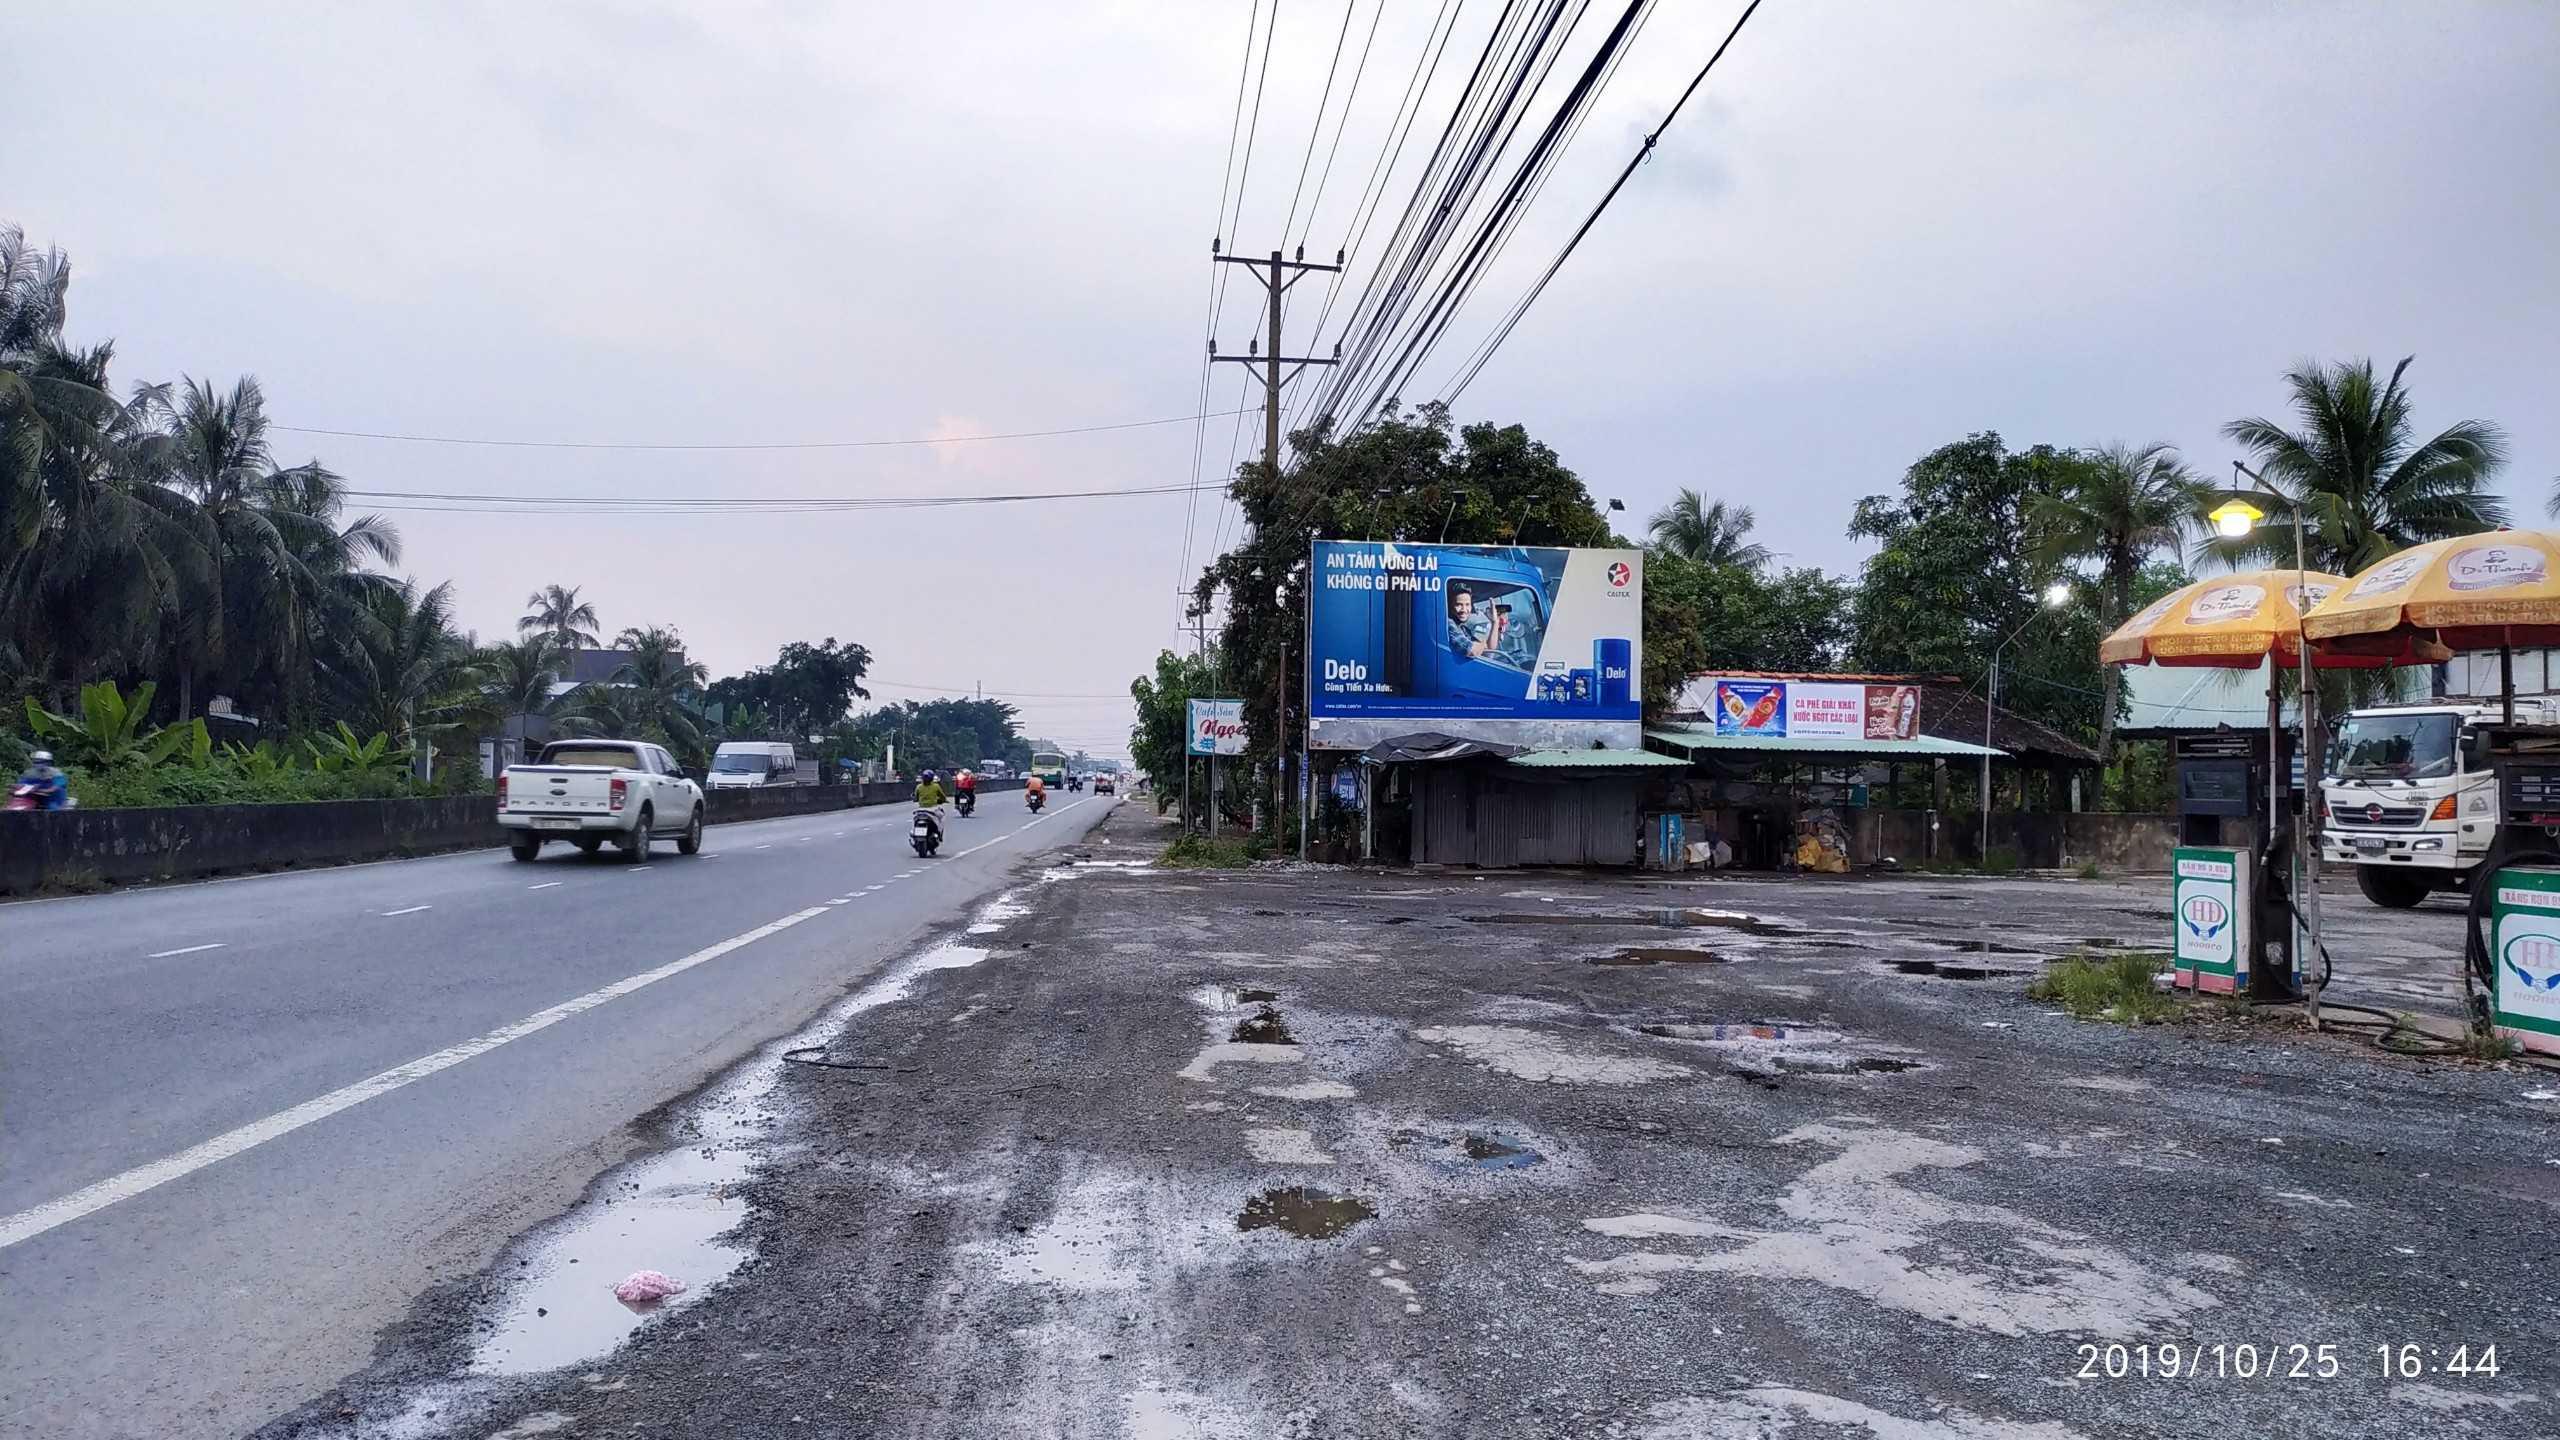 Quảng cáo CHXD Tân Phú, QL1A, phường Nhị Mỹ, TX Cai Lậy, Tiền Giang